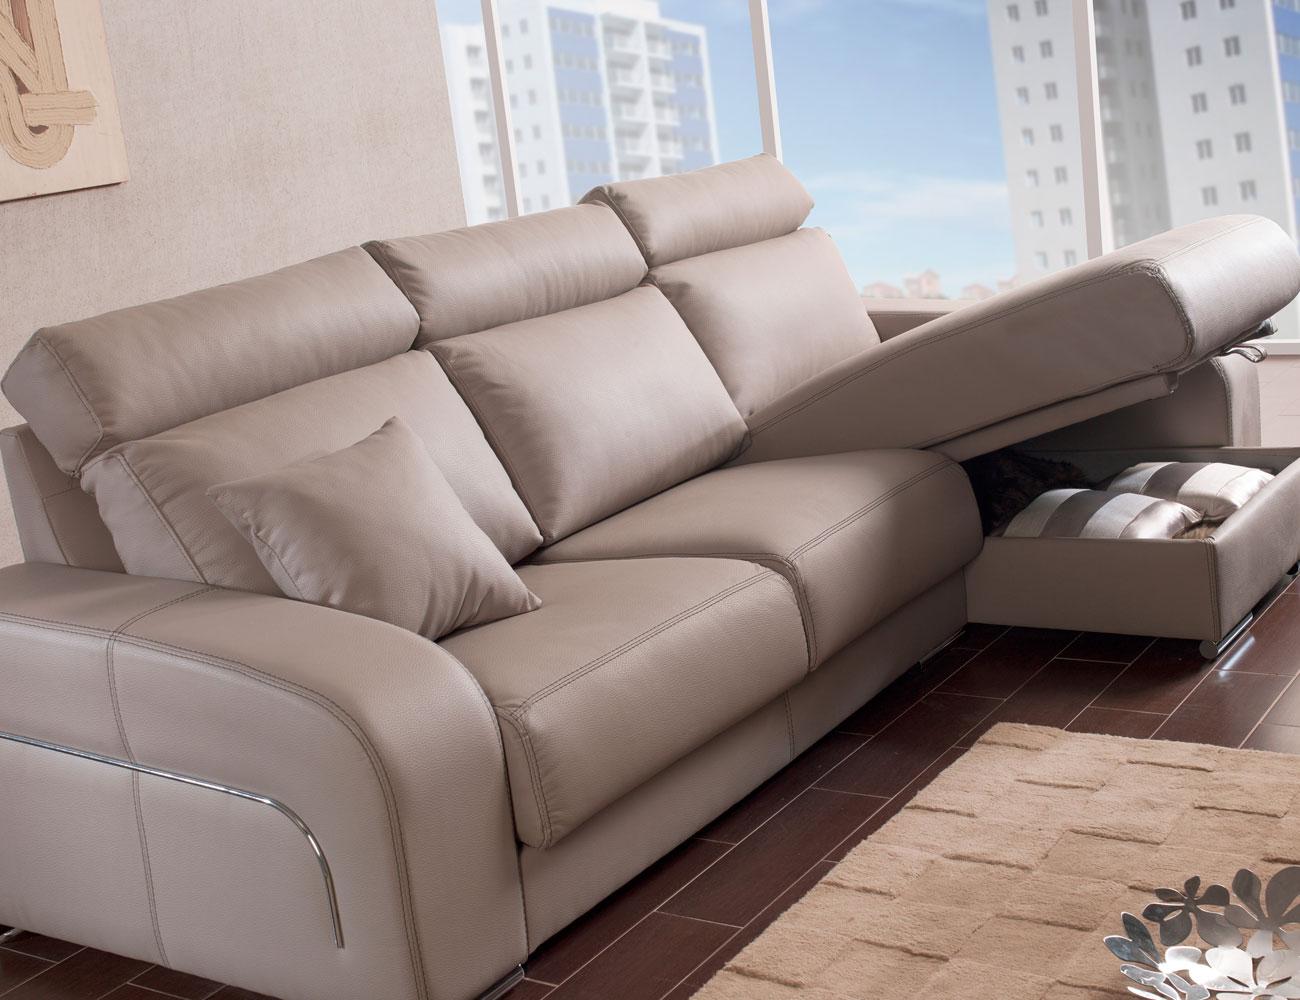 Sofa chaiselongue moderno pared cero arcon48